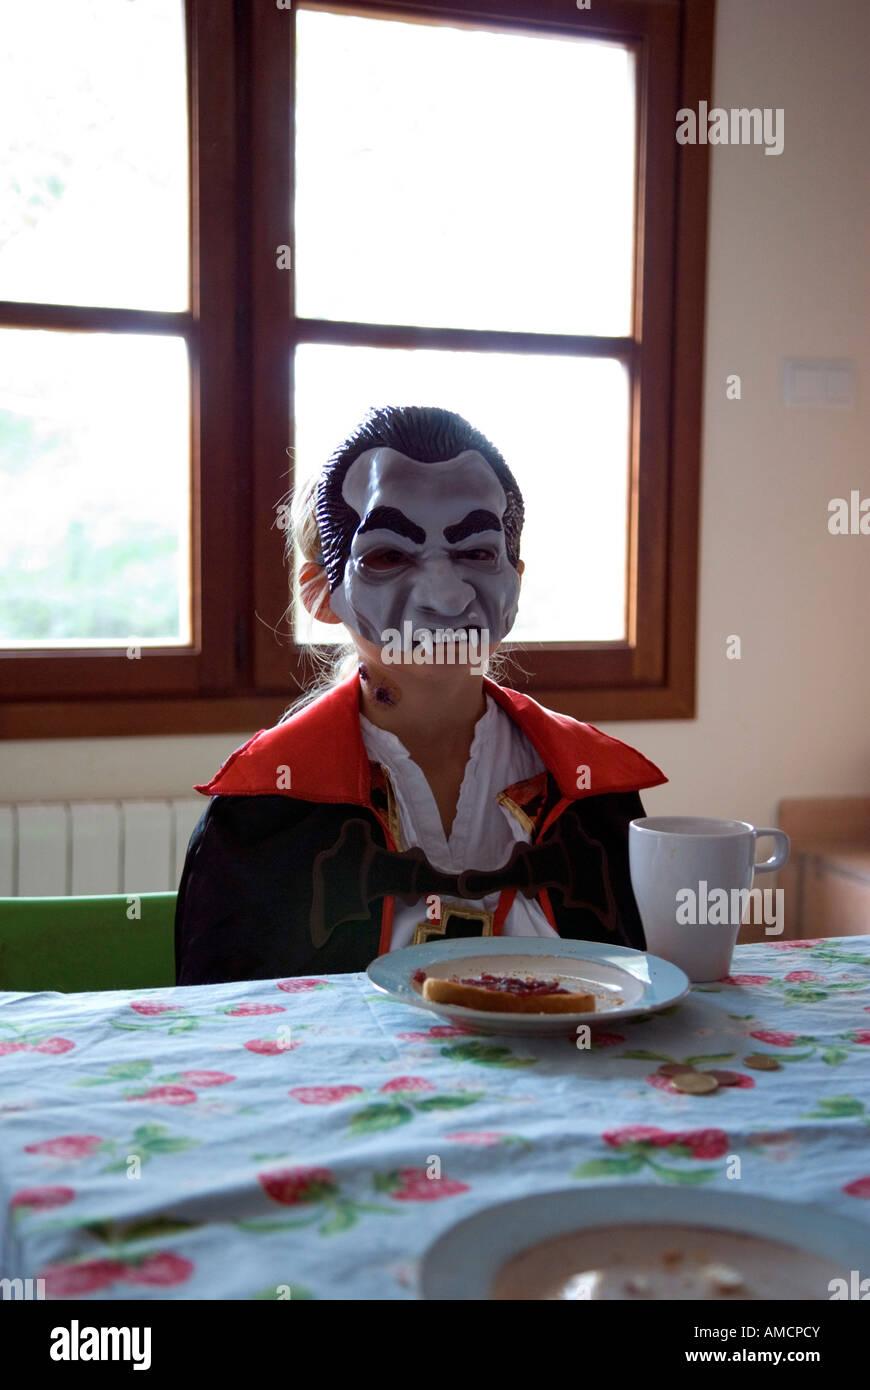 ein junges Mädchen sitzt beim Frühstück im Kostüm mit Dracula Maske und Kostüm Stockbild